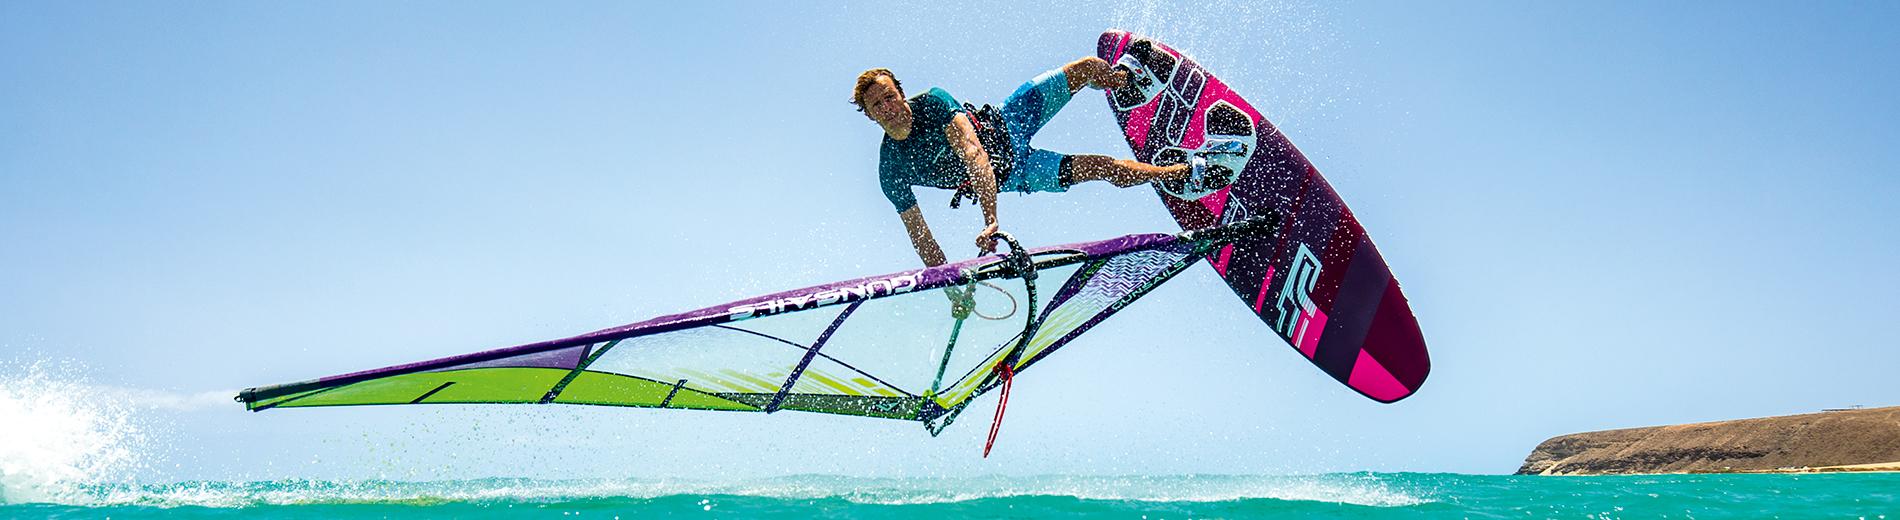 GUNSAILS | Steven van Broeckhoven - PWA Worldtour Rider, EFPT Freestyle Tour Windsurfing